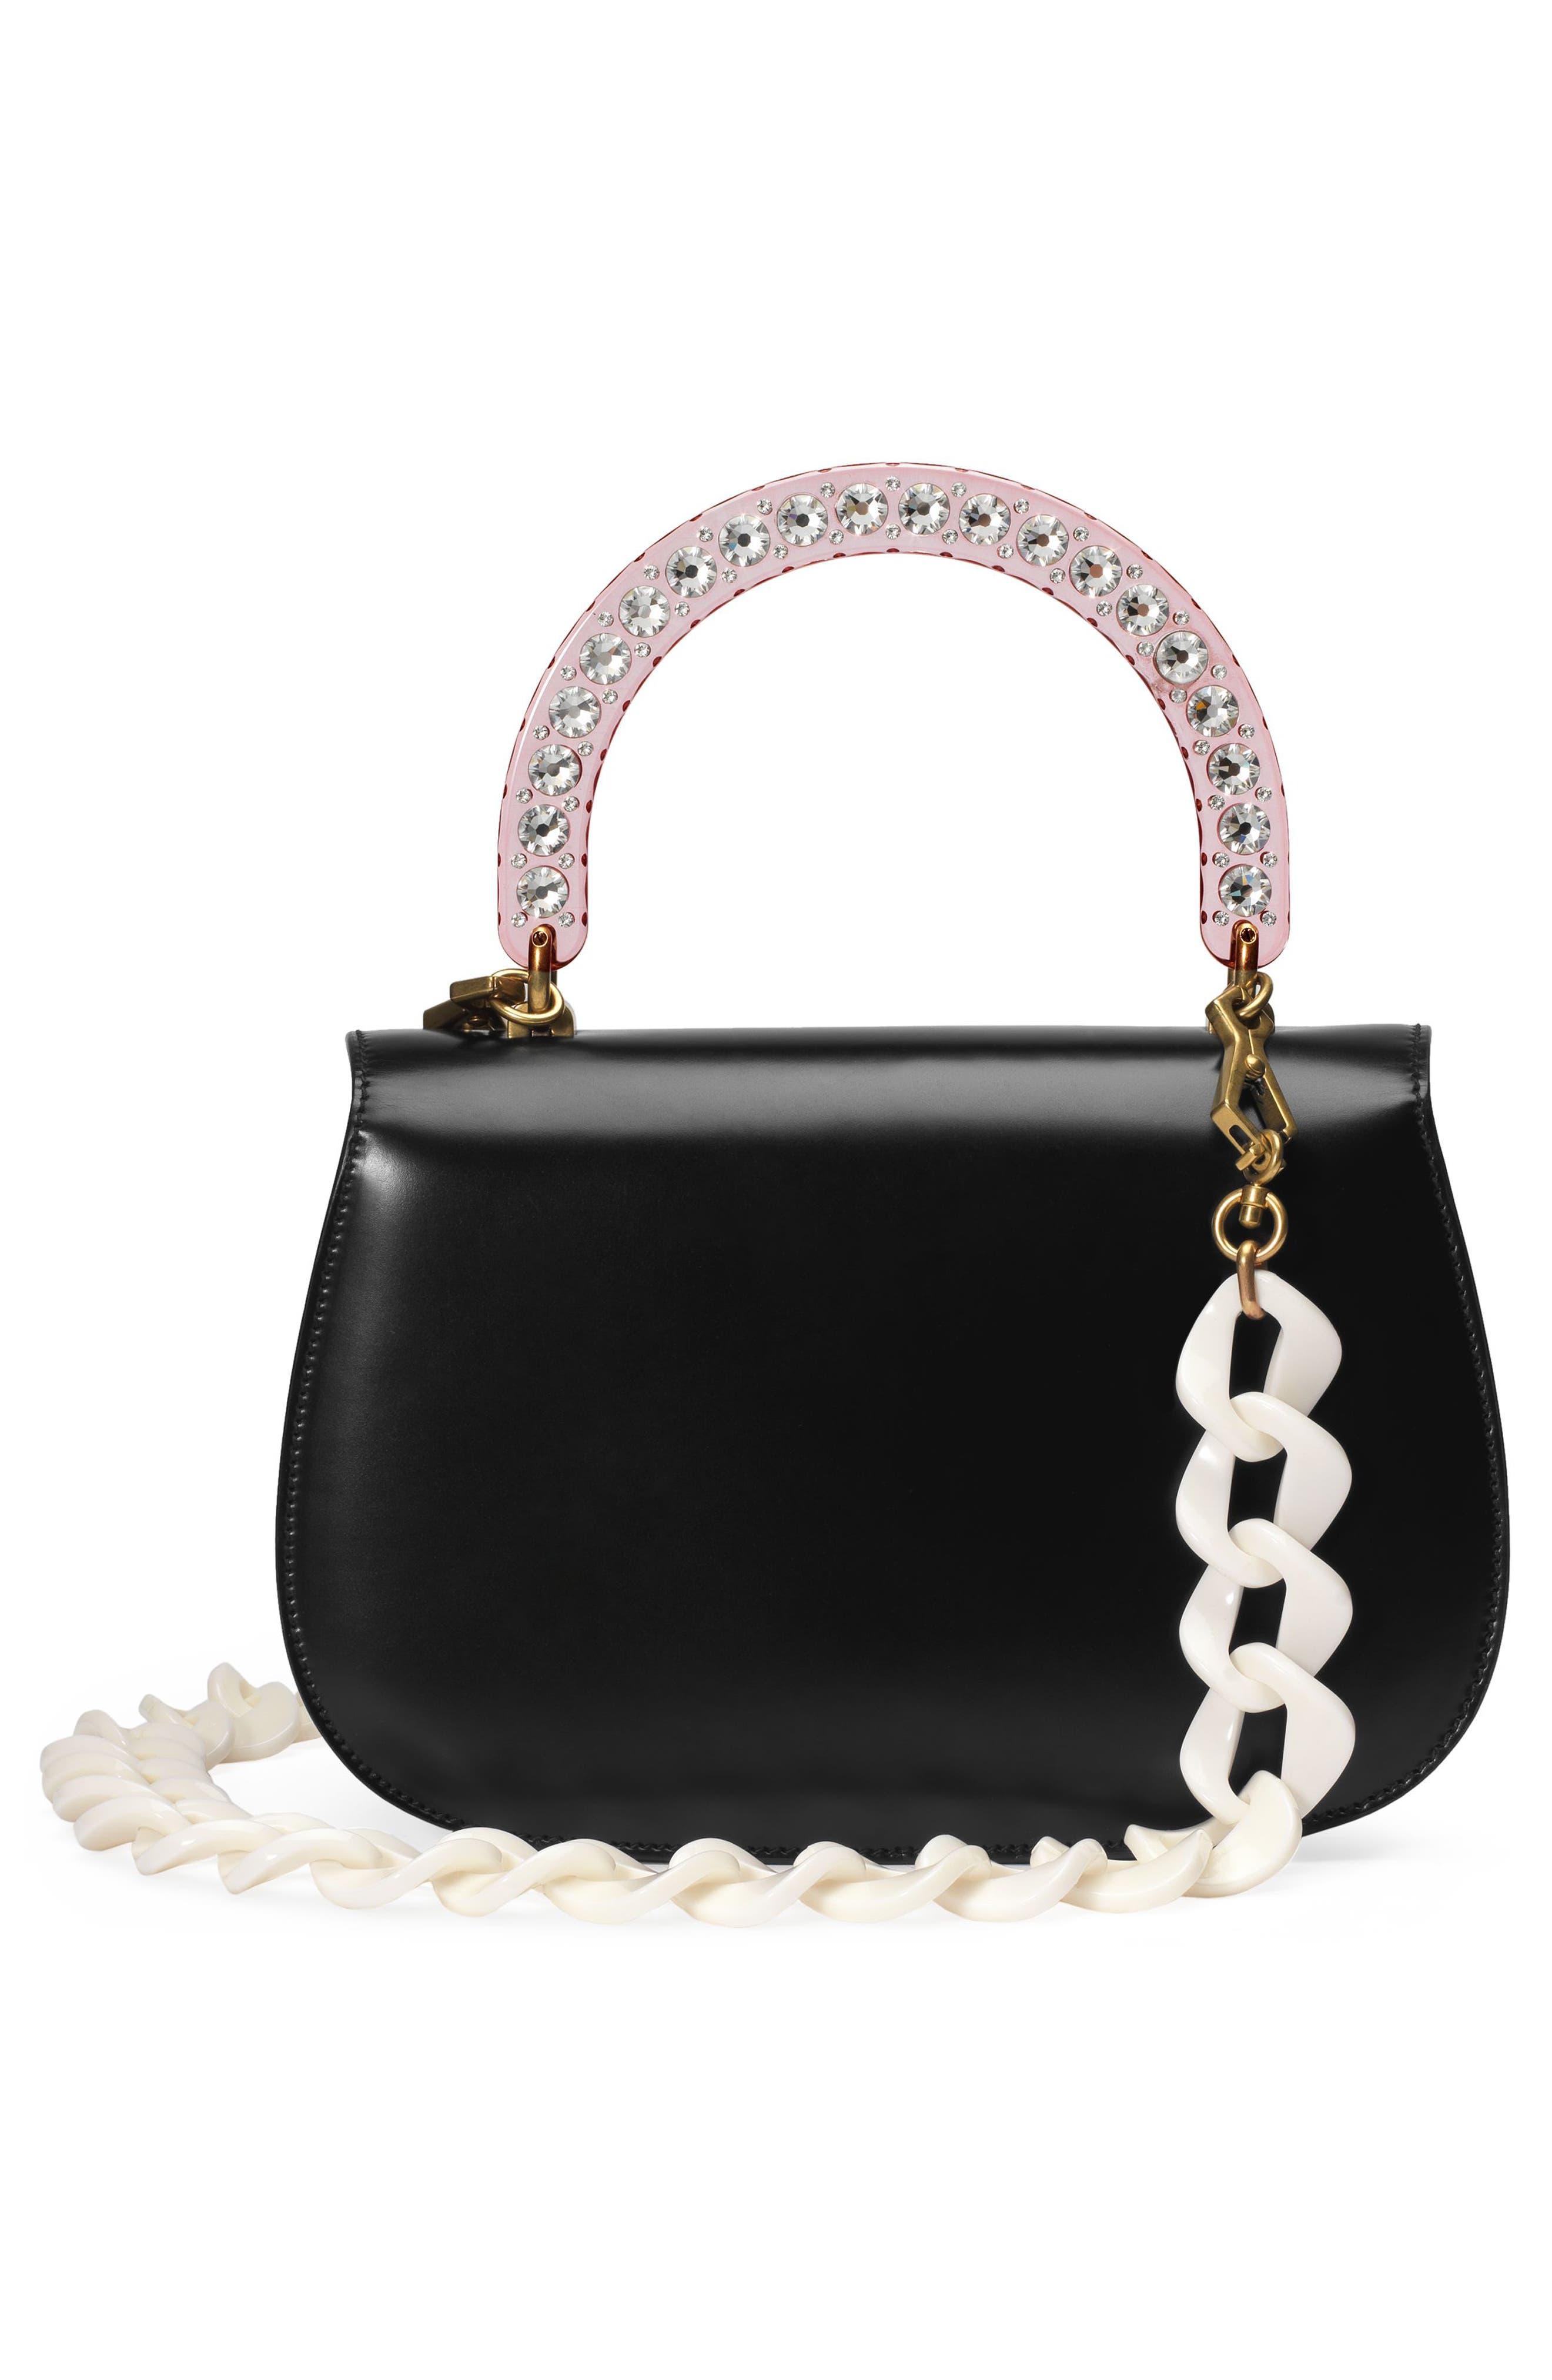 Medium Classic 2 Top Handle Shoulder Bag,                             Alternate thumbnail 2, color,                             NERO/ ROSE CRYSTAL